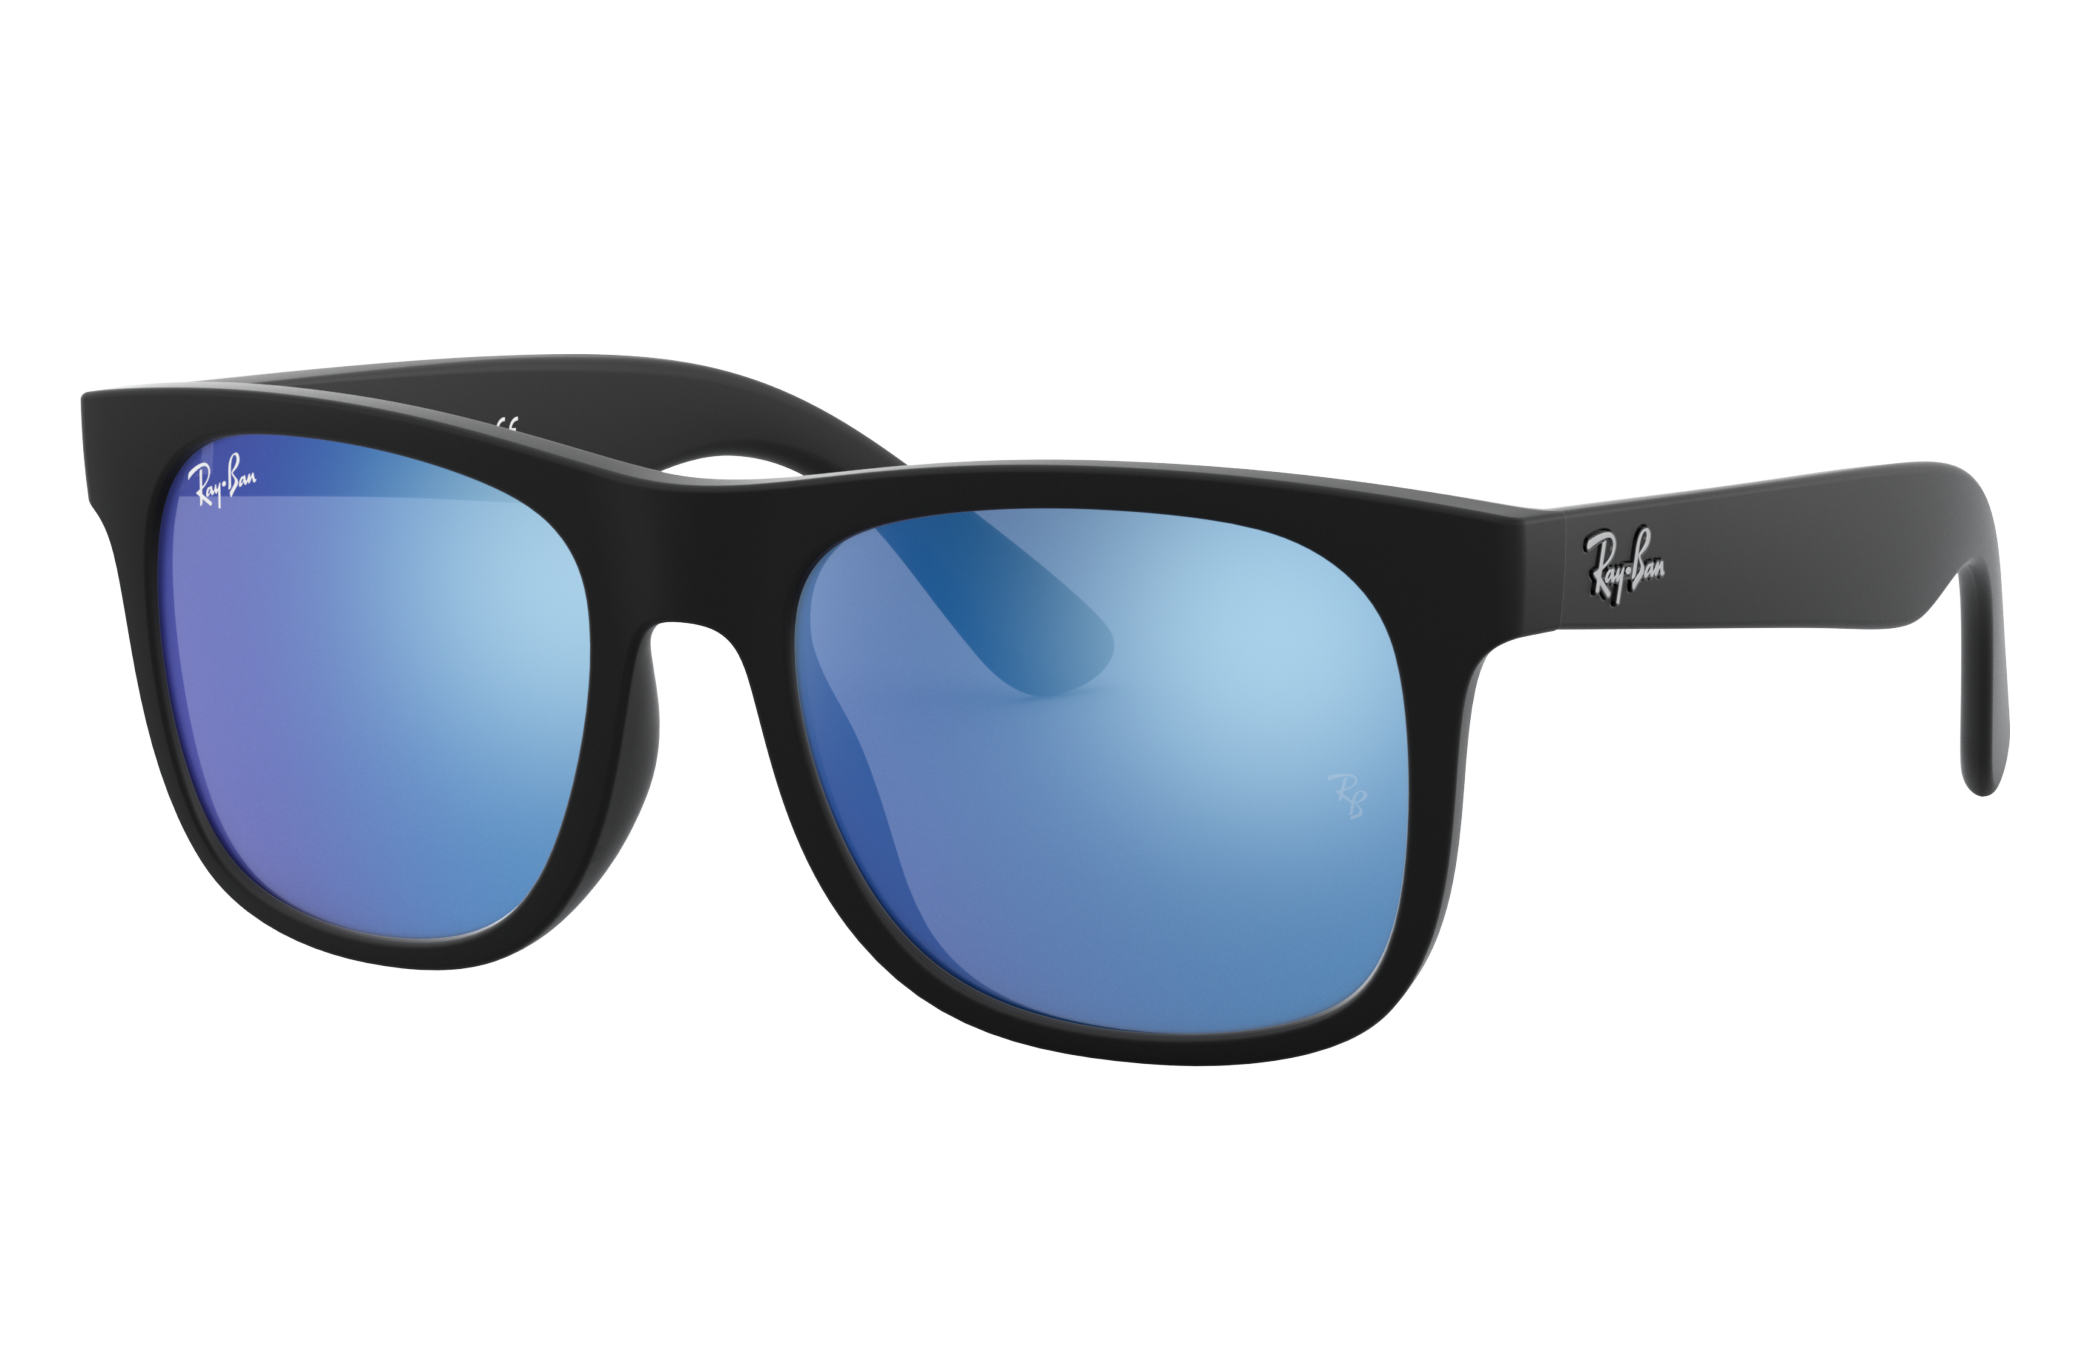 Ray-Ban Rj9069s Black, Blue Lenses - RJ9069S